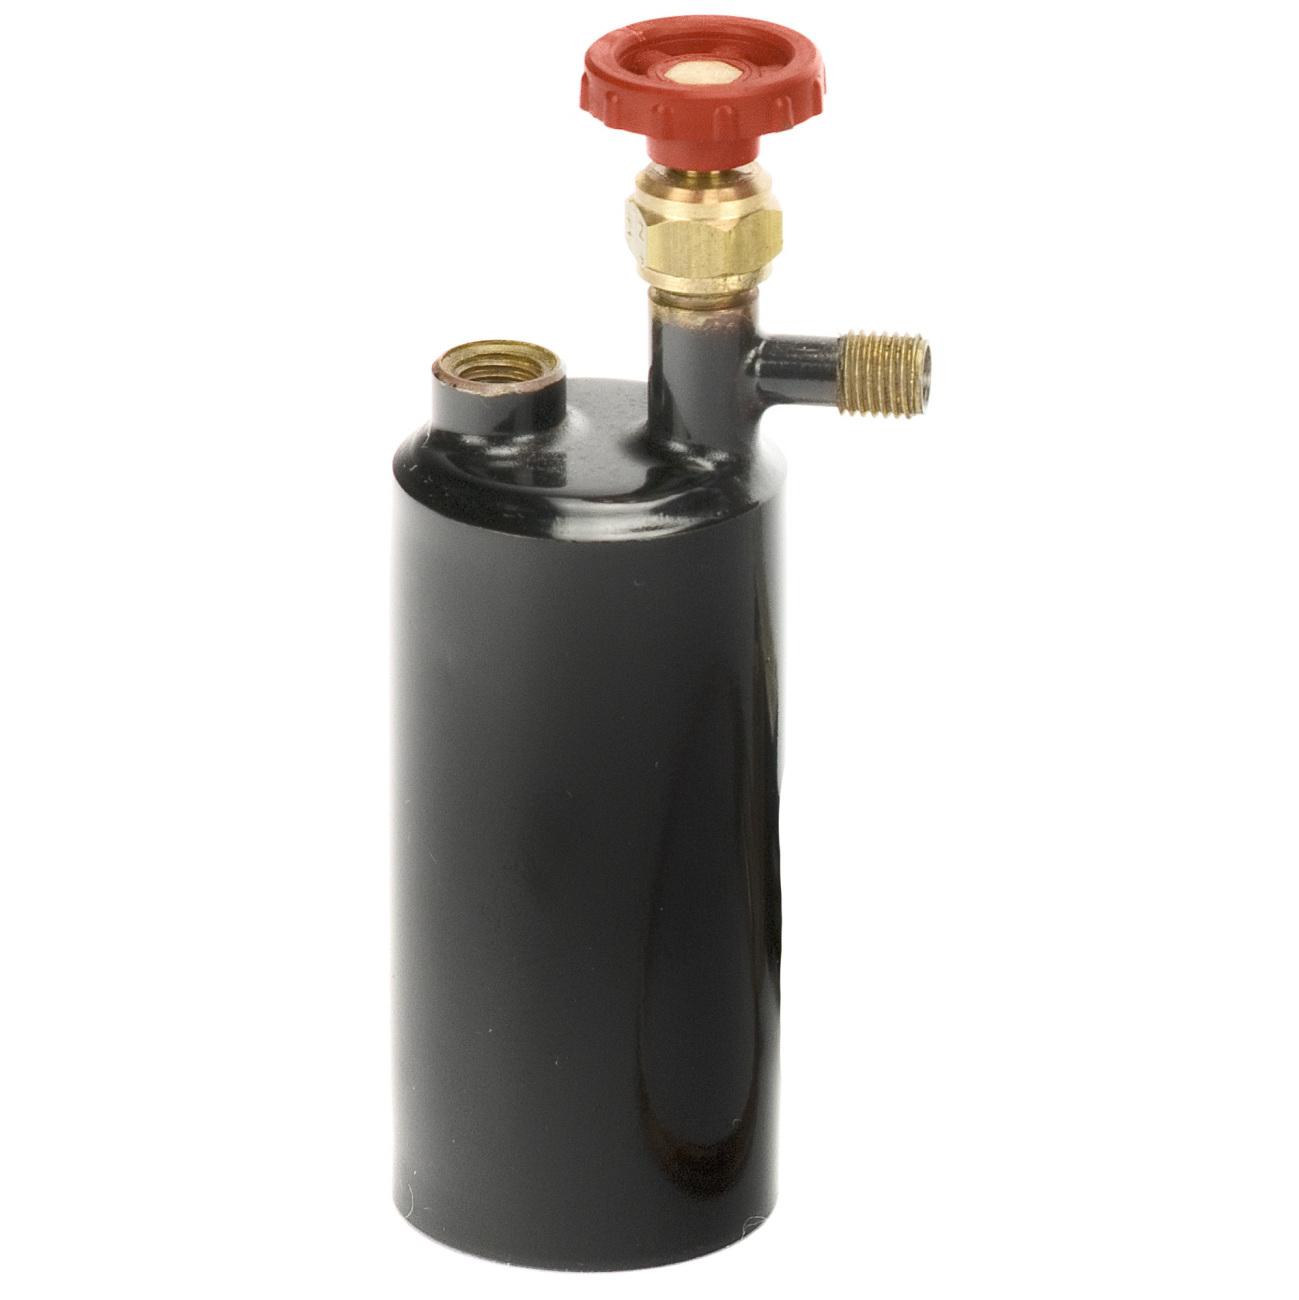 BIX Mini - Refillable Gas Tank - Mini